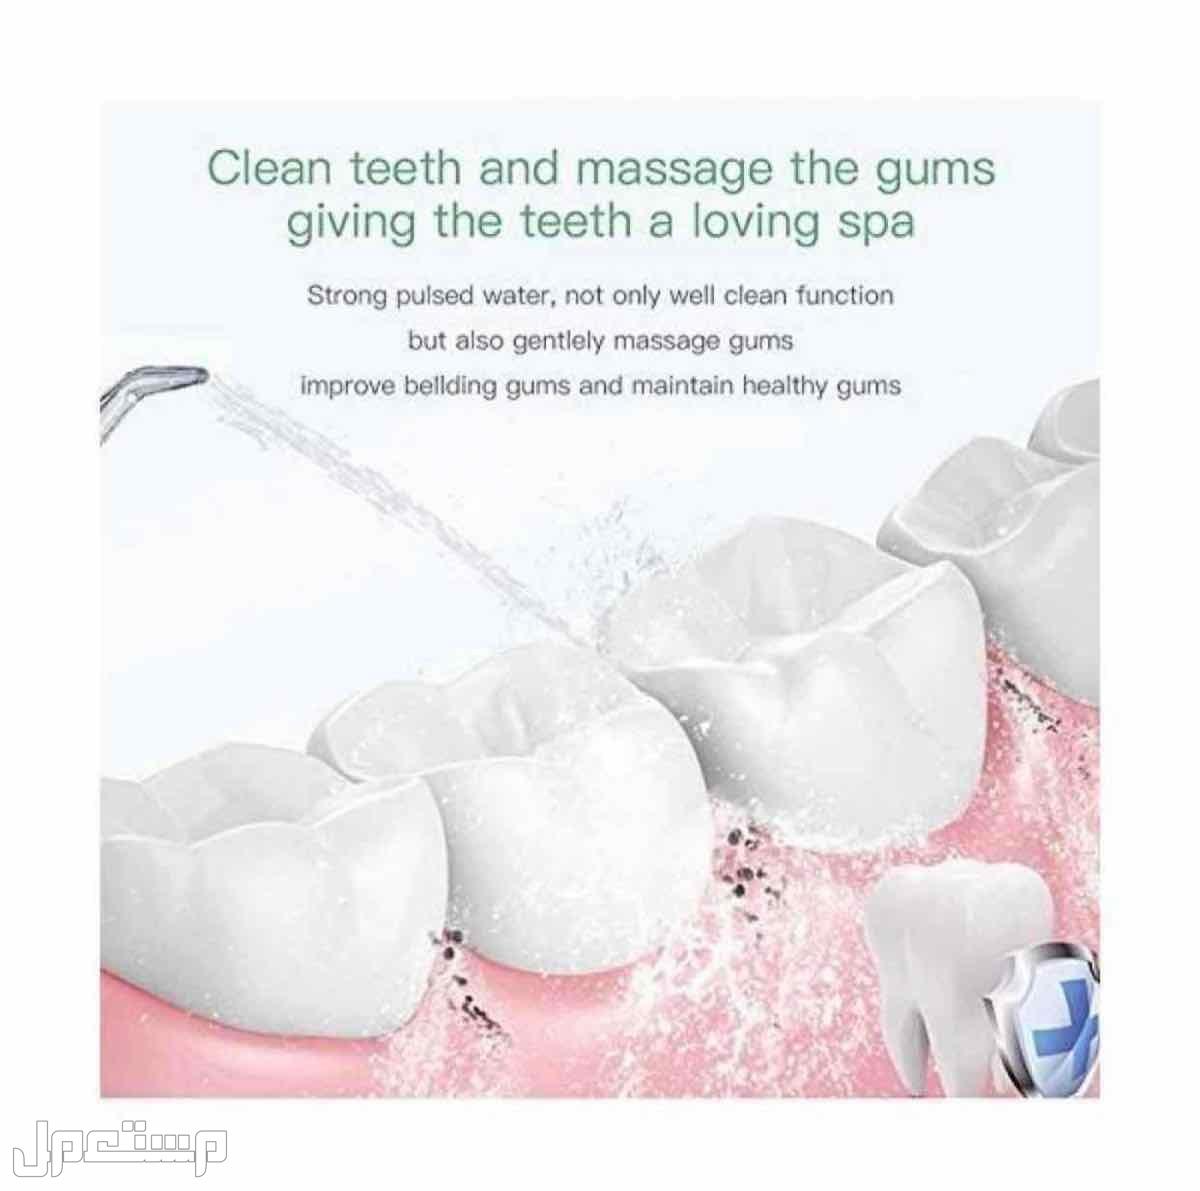 جهاز تنظيف الأسنان المائي 300 مل اللاسلكي -ىقابلة لإعادة الشحن .